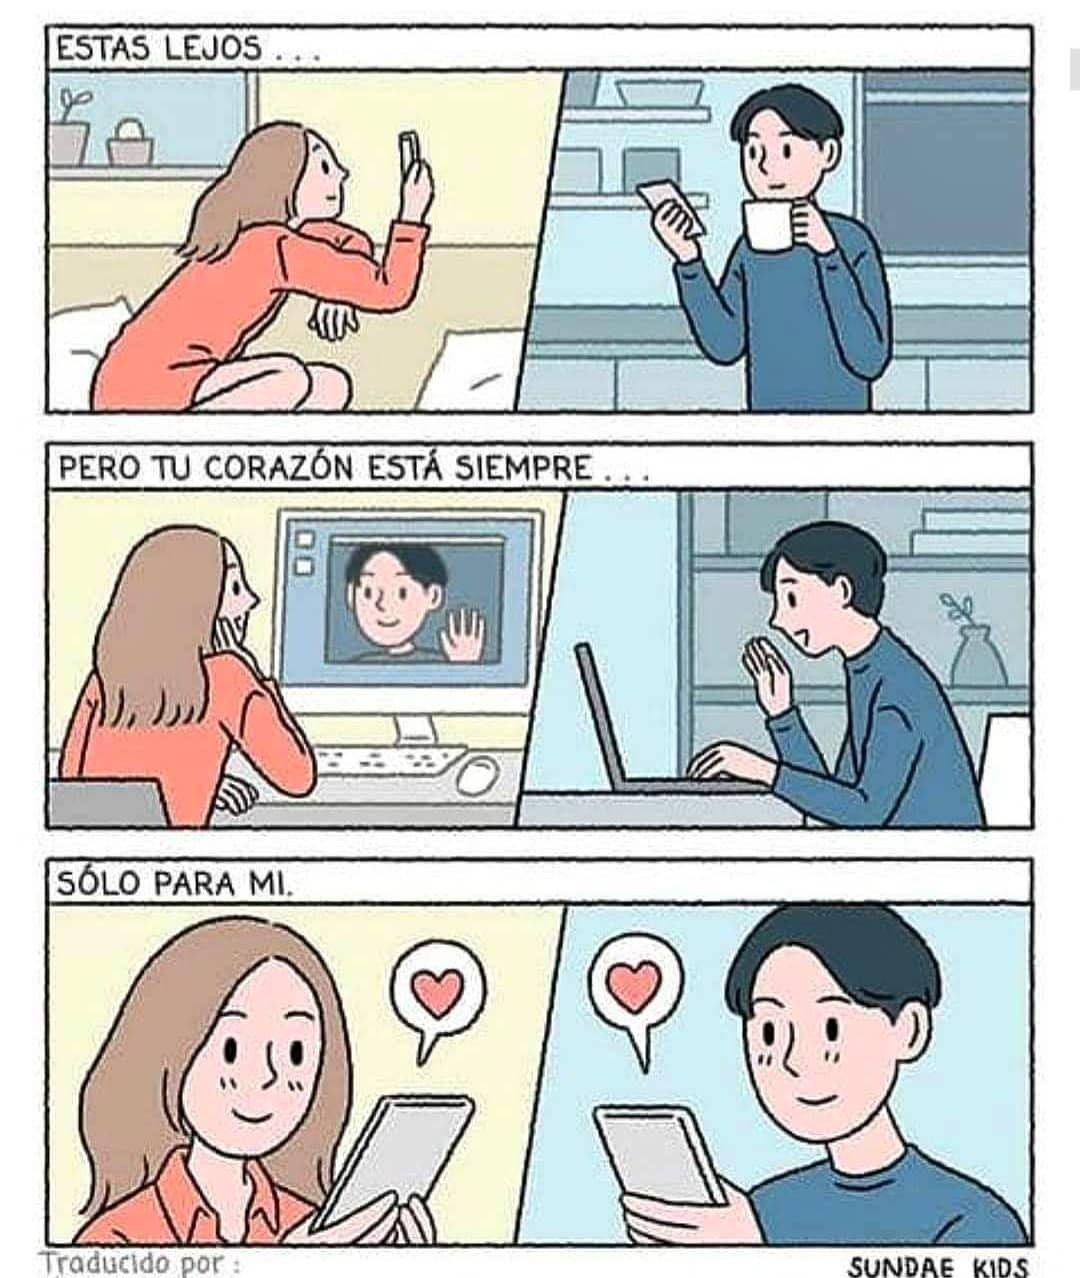 Pin De Sincerely Yours En Amor Desamor Y Otras Cursilerias Historieta De Amor Historietas Divertidas Memes Para Mi Novio